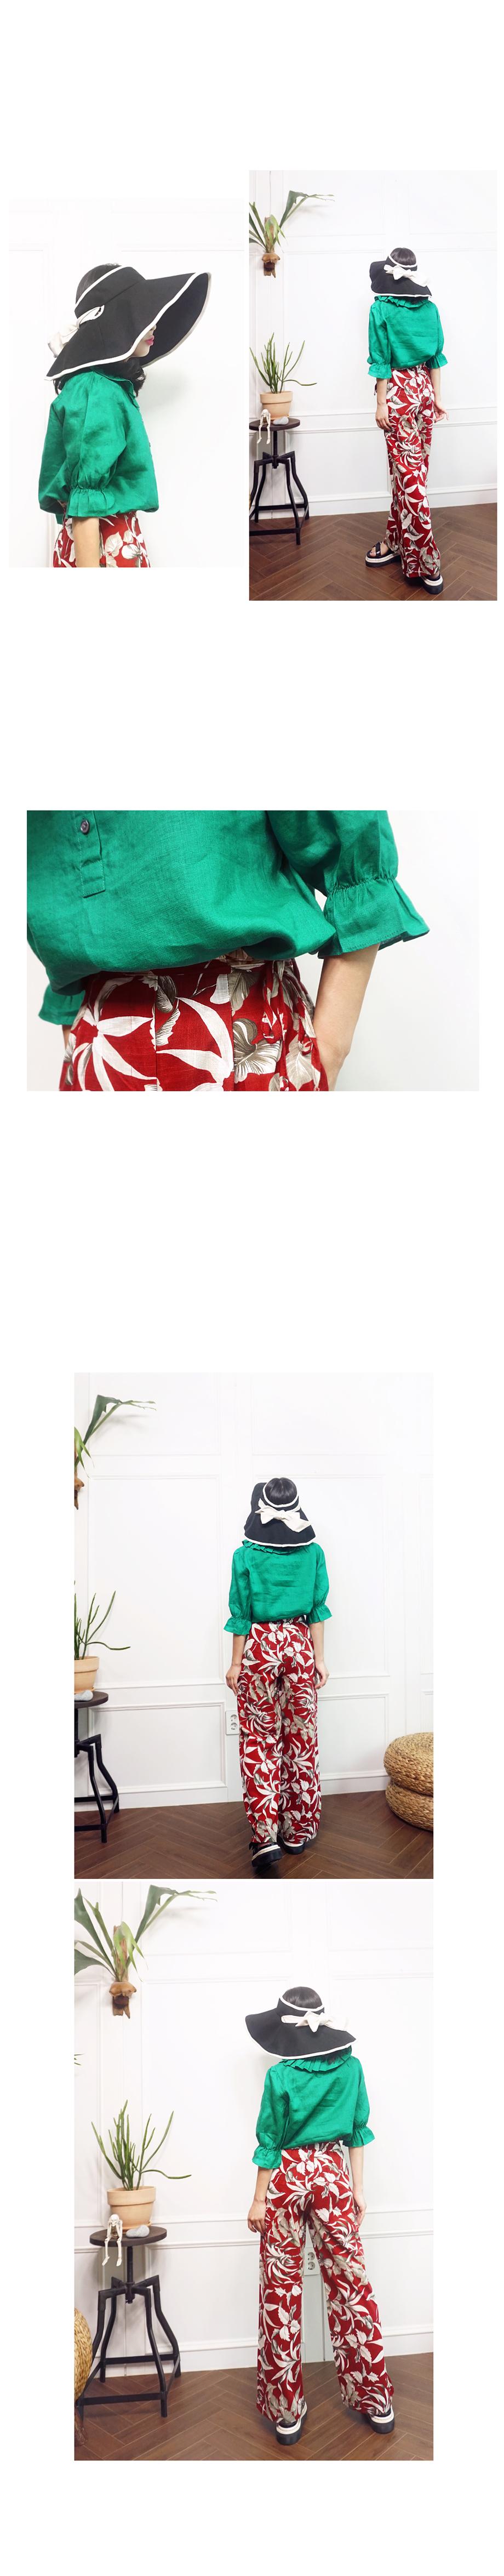 프릴넥 퍼프소매 튜닉블라우스 - 앞머리, 38,500원, 상의, 블라우스/셔츠